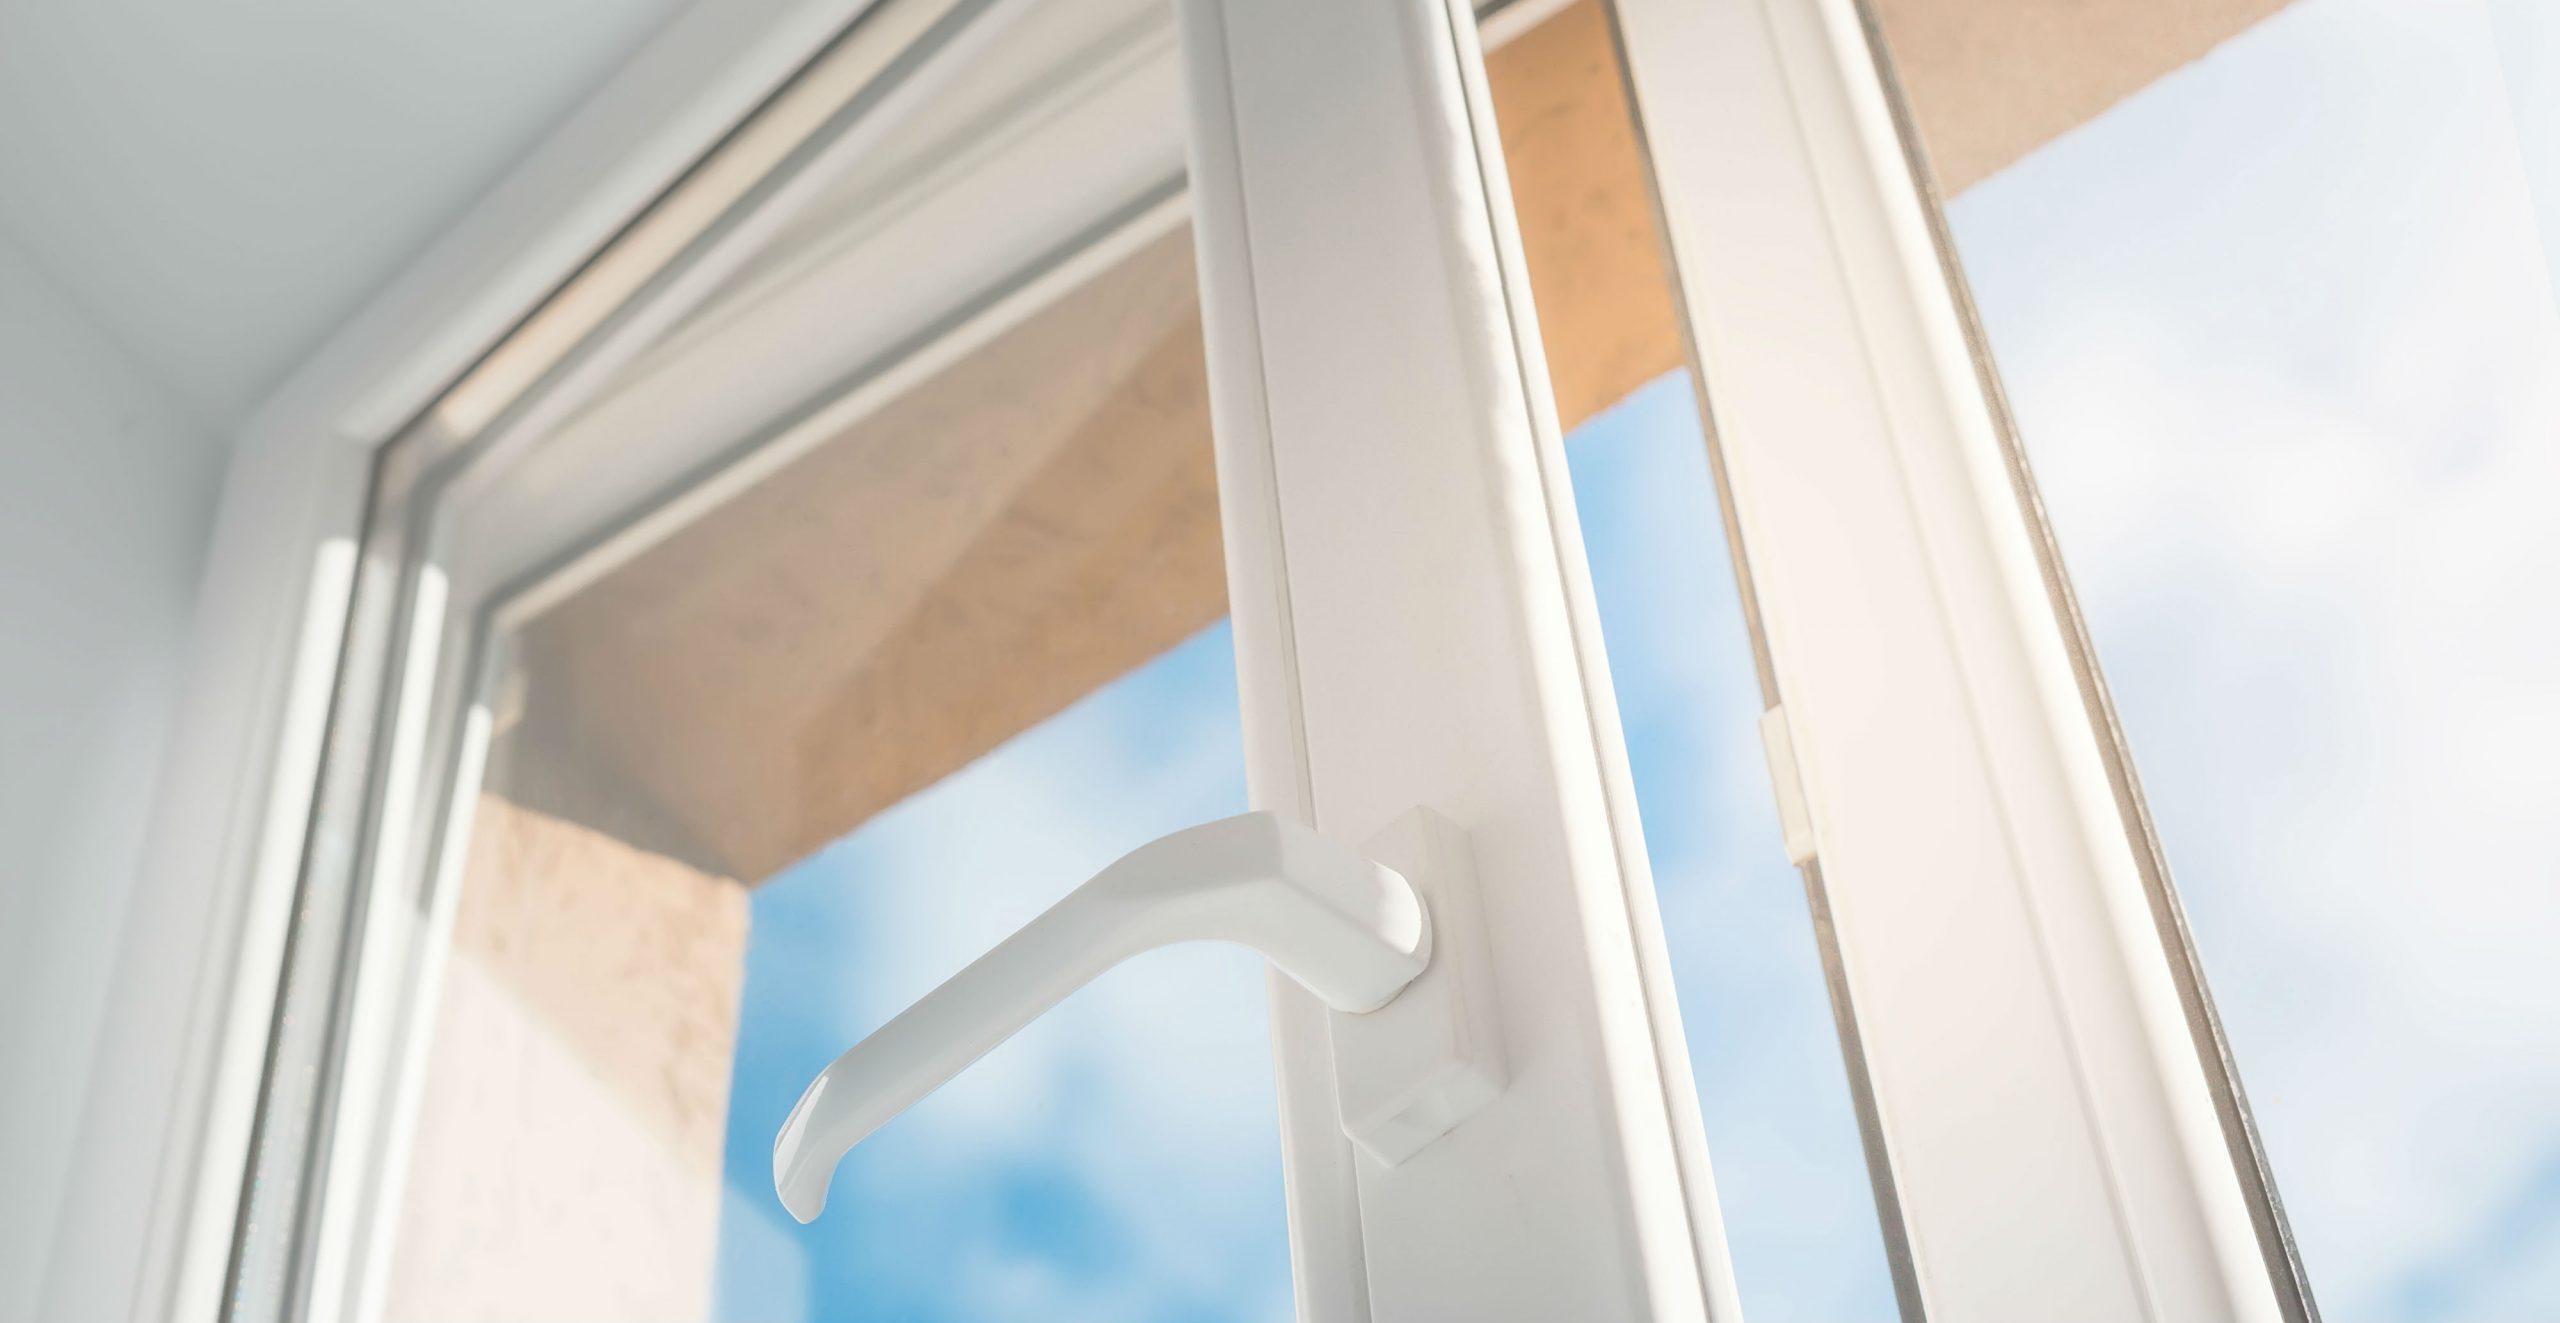 Full Size of Fenster Austauschen Kosten Fr Den Austausch Der Fensterdichtungen Herold Kunststoff Meeth Velux Kaufen Sonnenschutzfolie Einbau Dampfreiniger Rollos Innen Fenster Fenster Austauschen